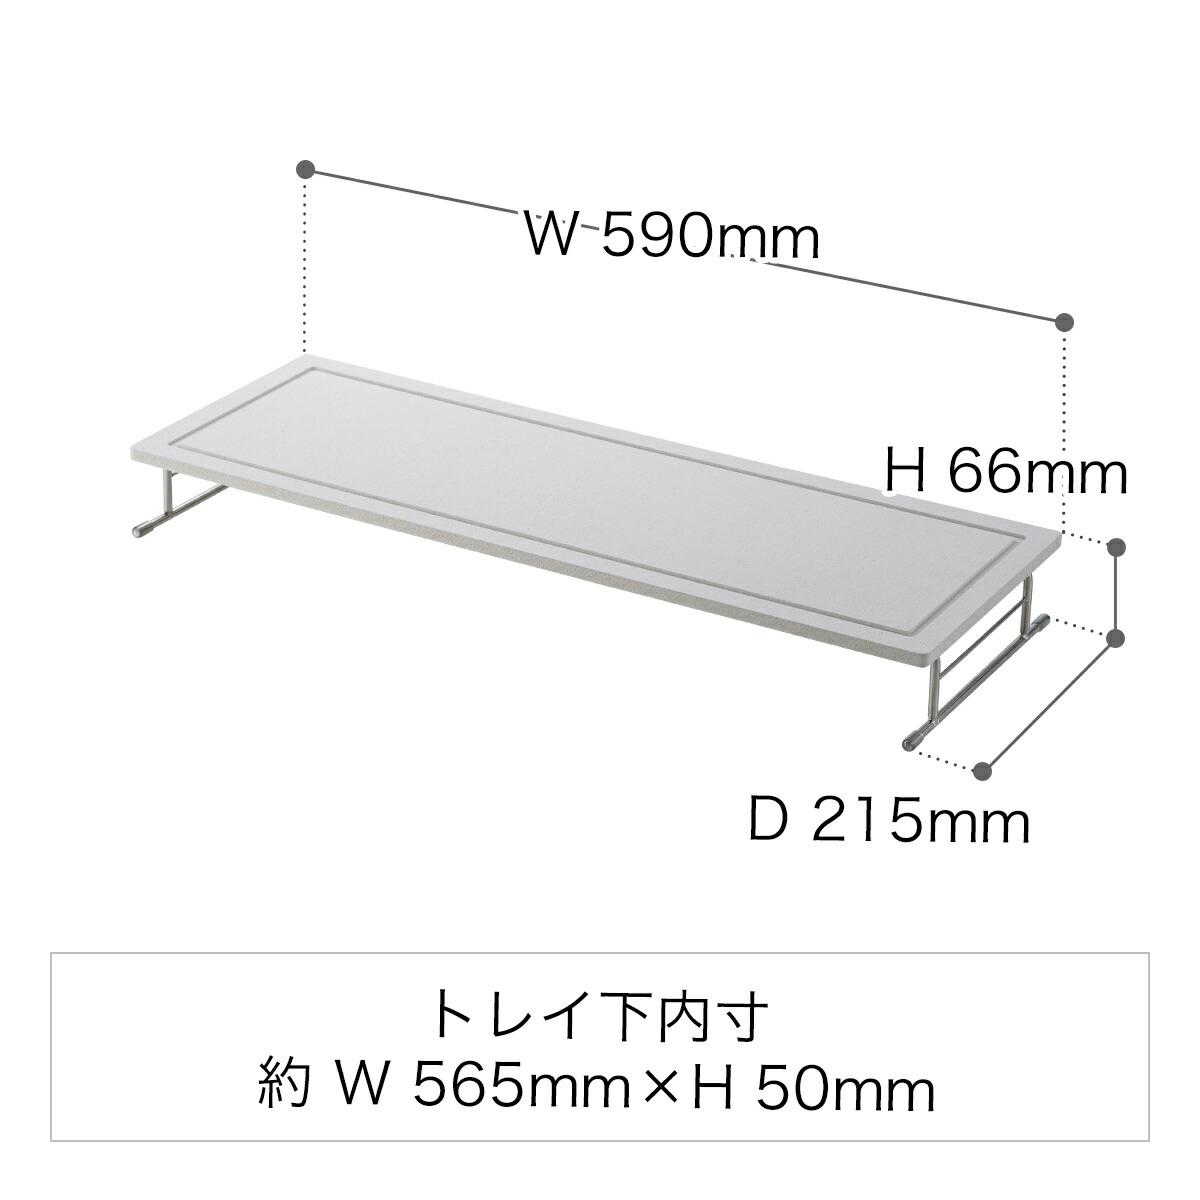 KAWAKI / カワキ シンクラック ワイドタイプ DK-410125S